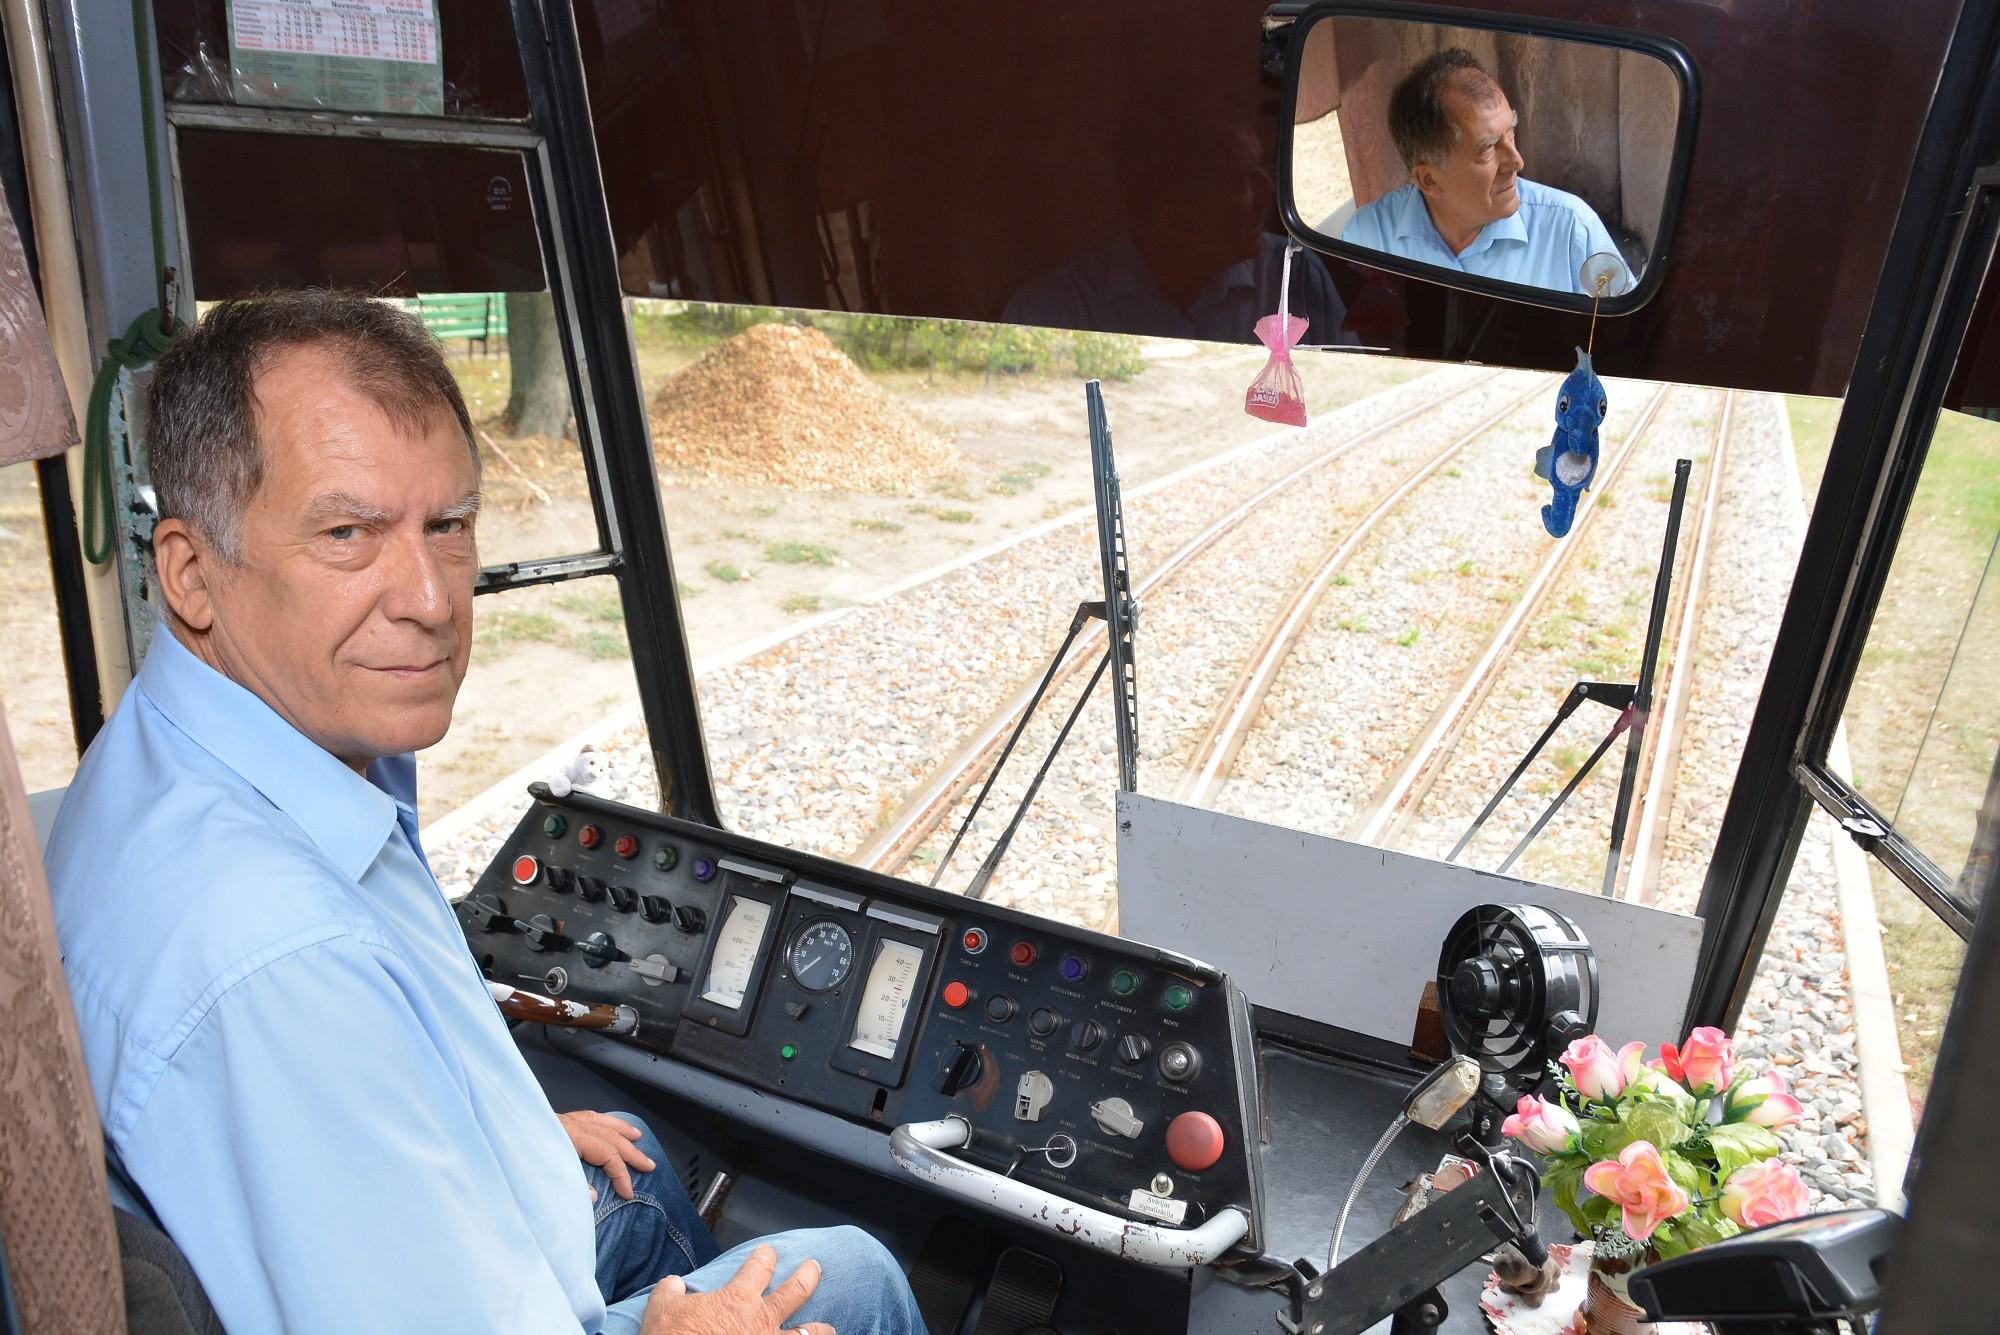 Aprit 120 gadi, kopš Liepājā sāka kursēt pirmais elektriskais tramvajs Baltijā